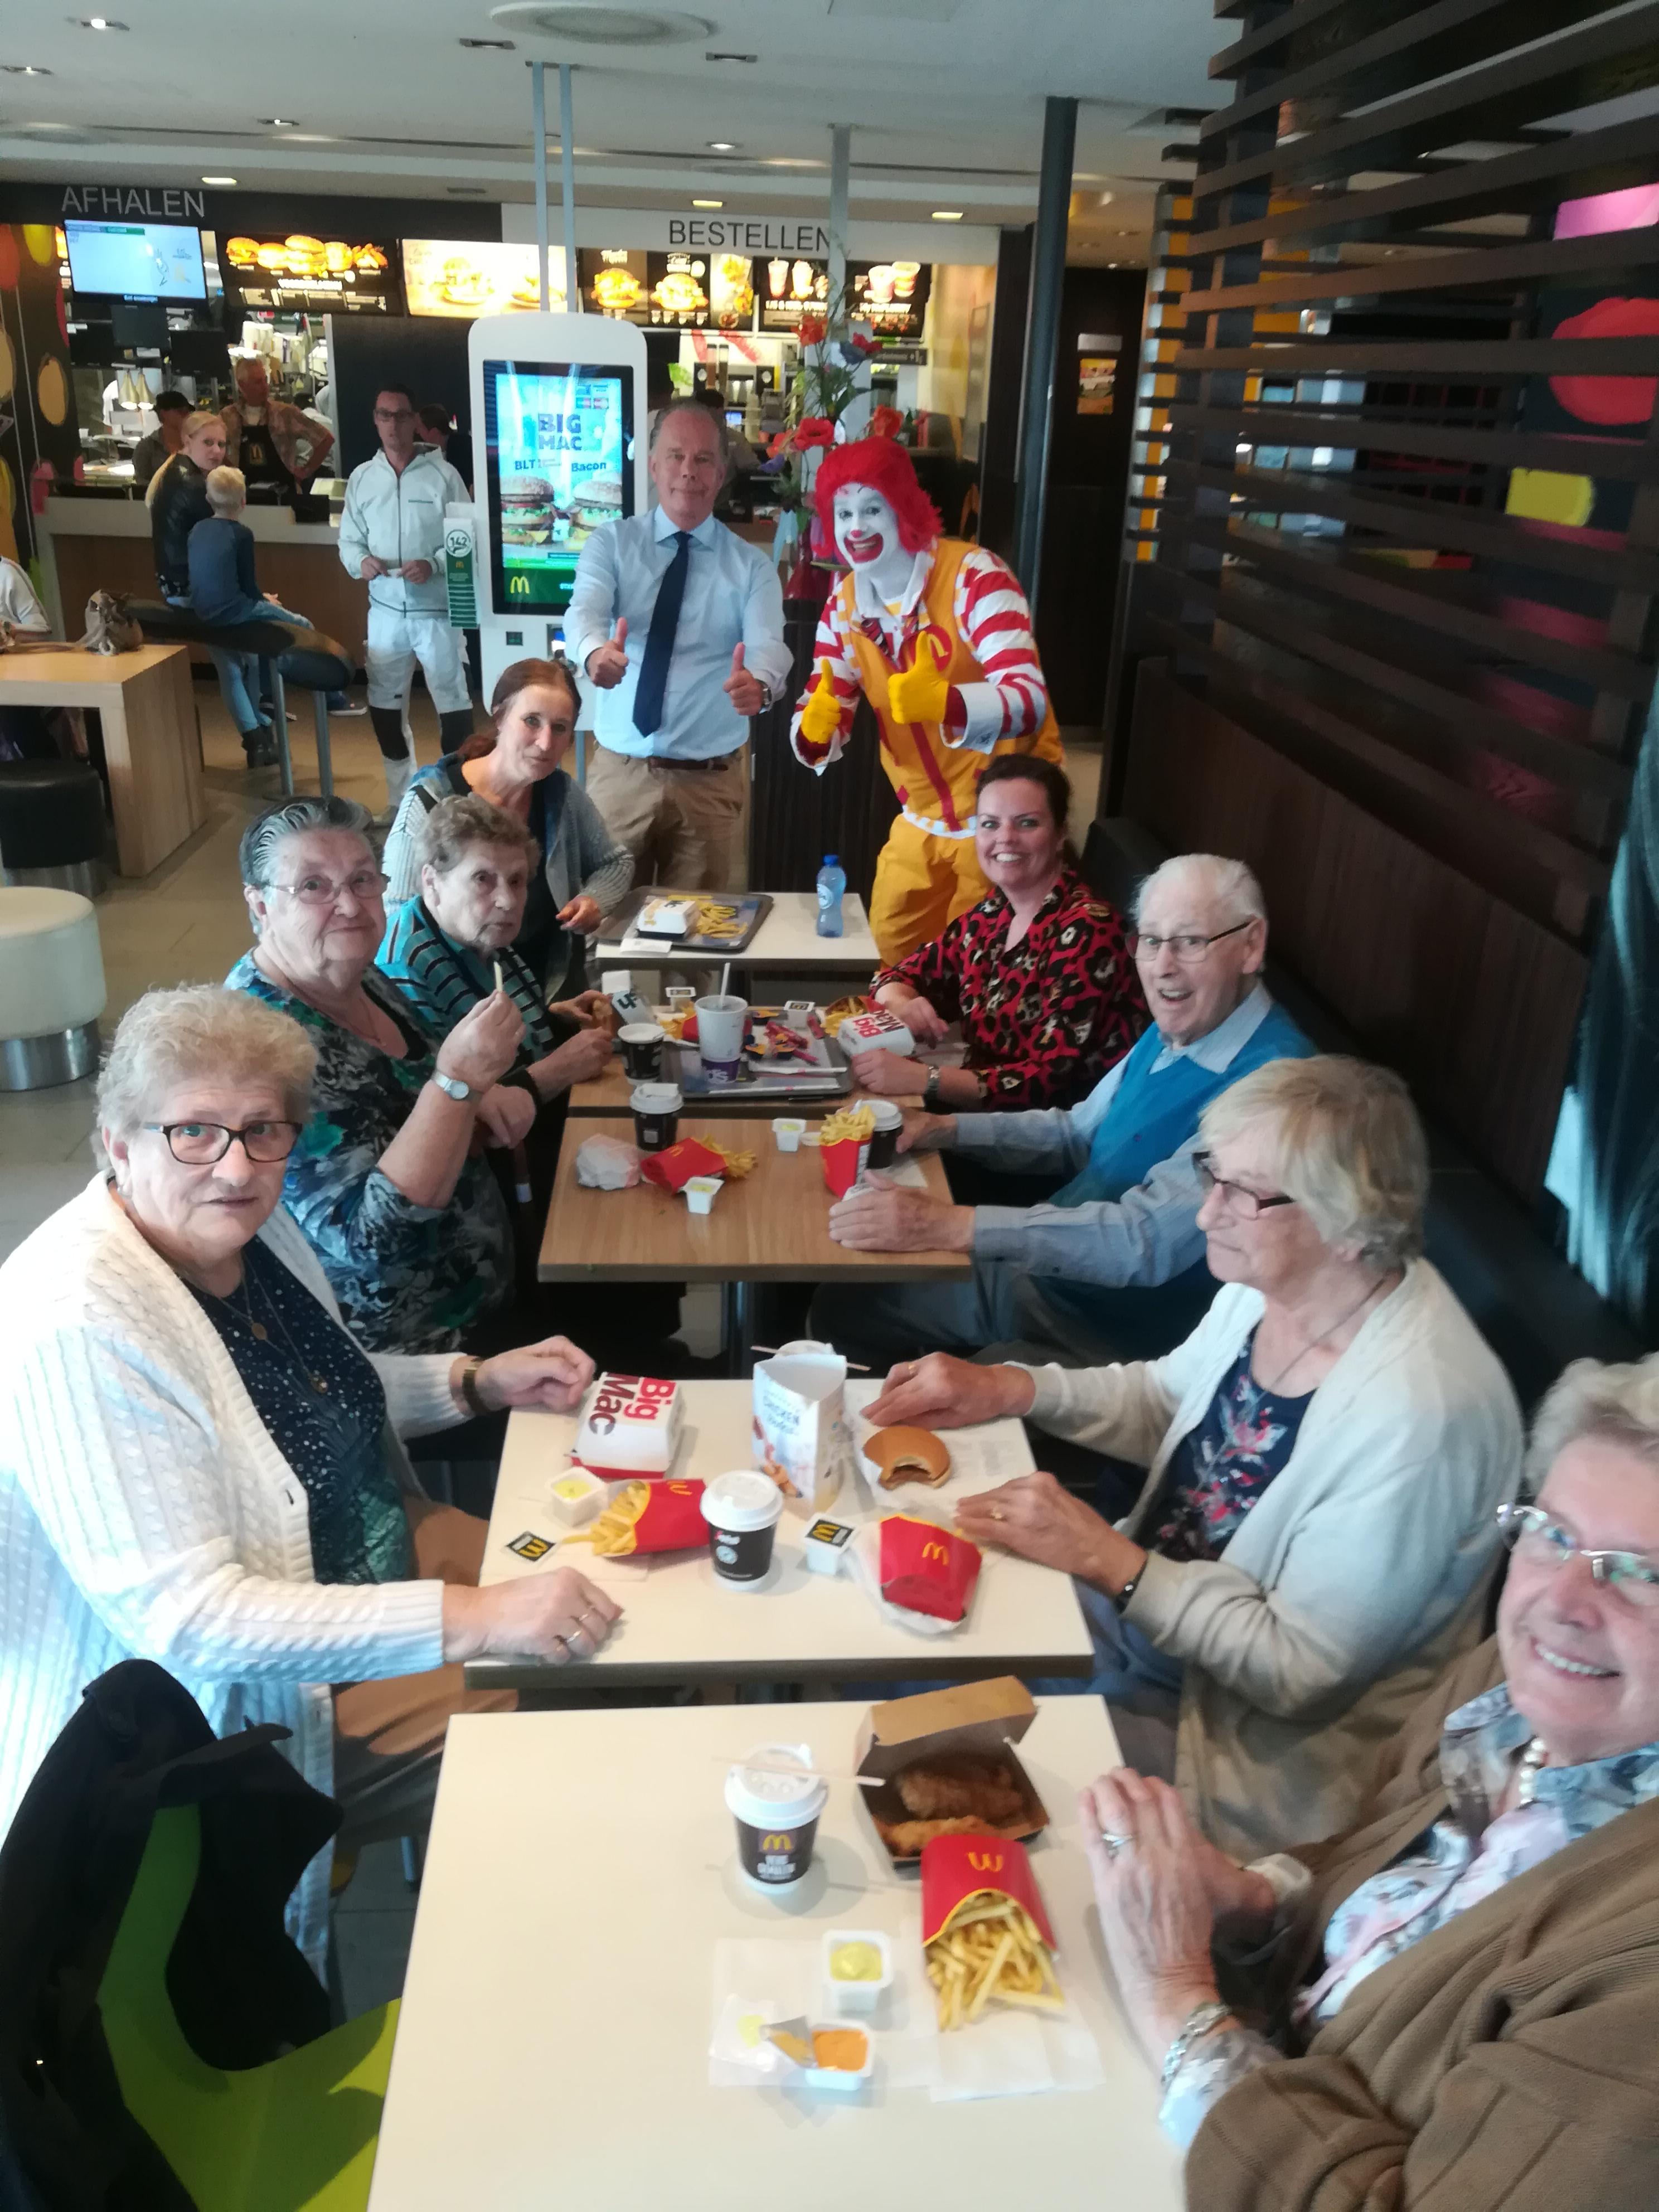 De Heemskerkse ouderen genoten vrijdag van hun lunch bij McDonald's. (FOTO: GOUDEN DAGEN HEEMSKERK)